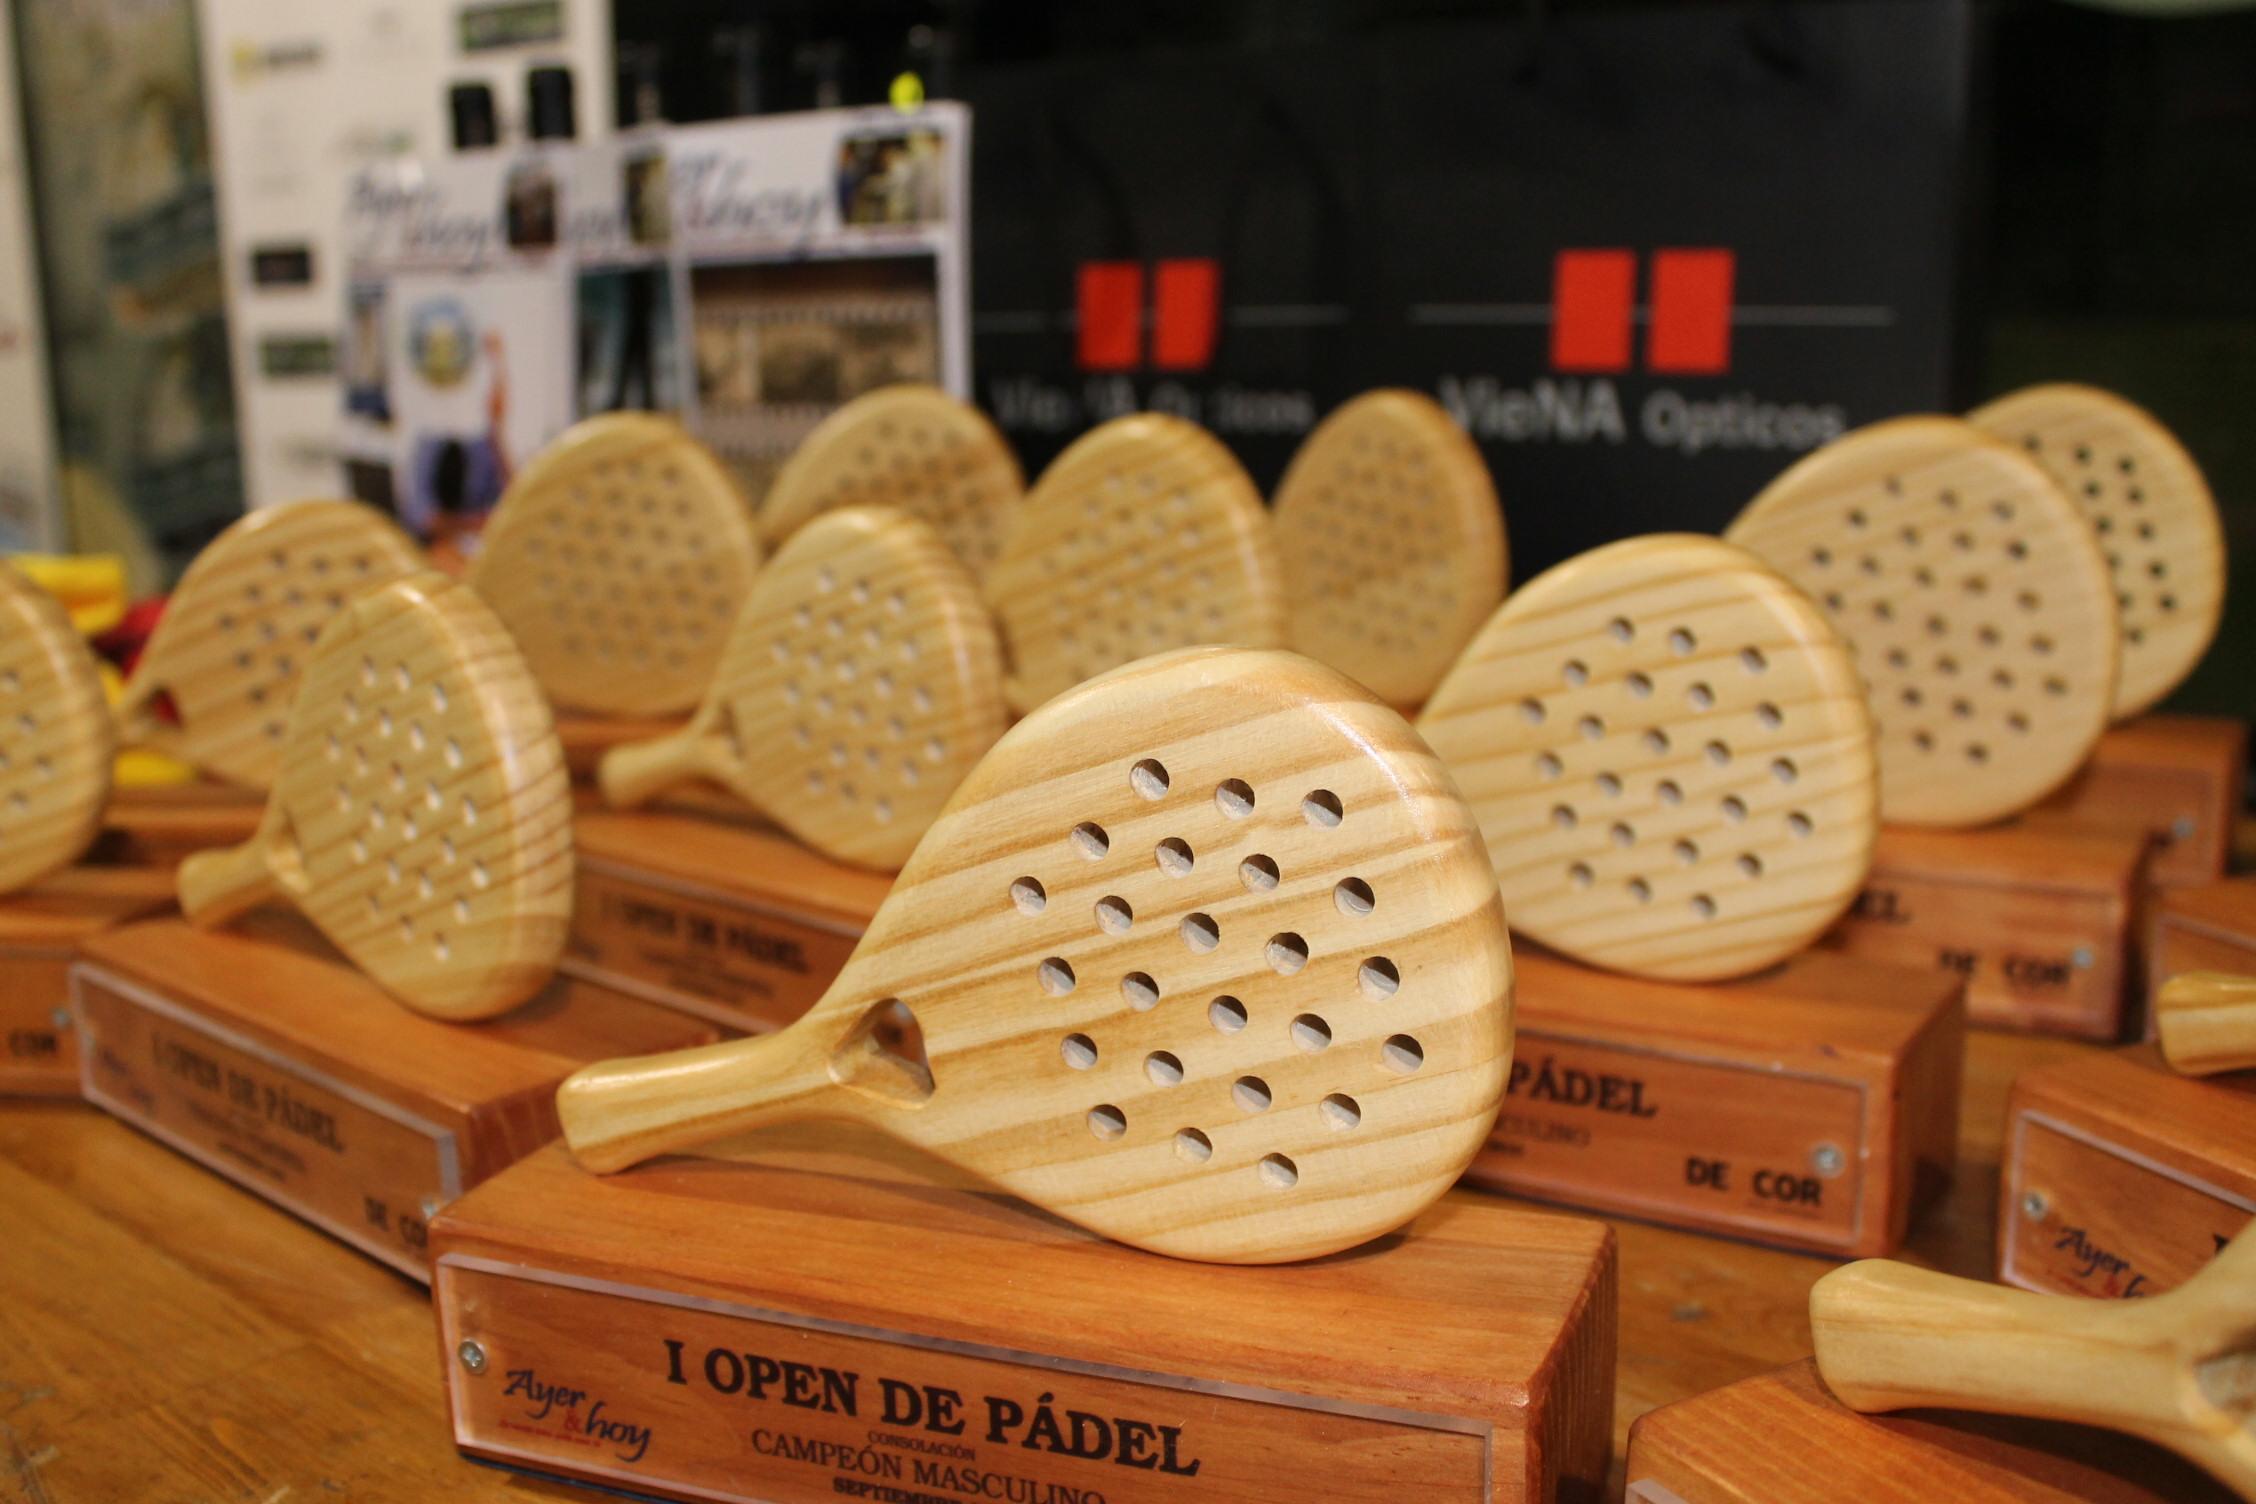 Galería de imágenes del I Open de Pádel Ayer&hoy y Deycor Muebles